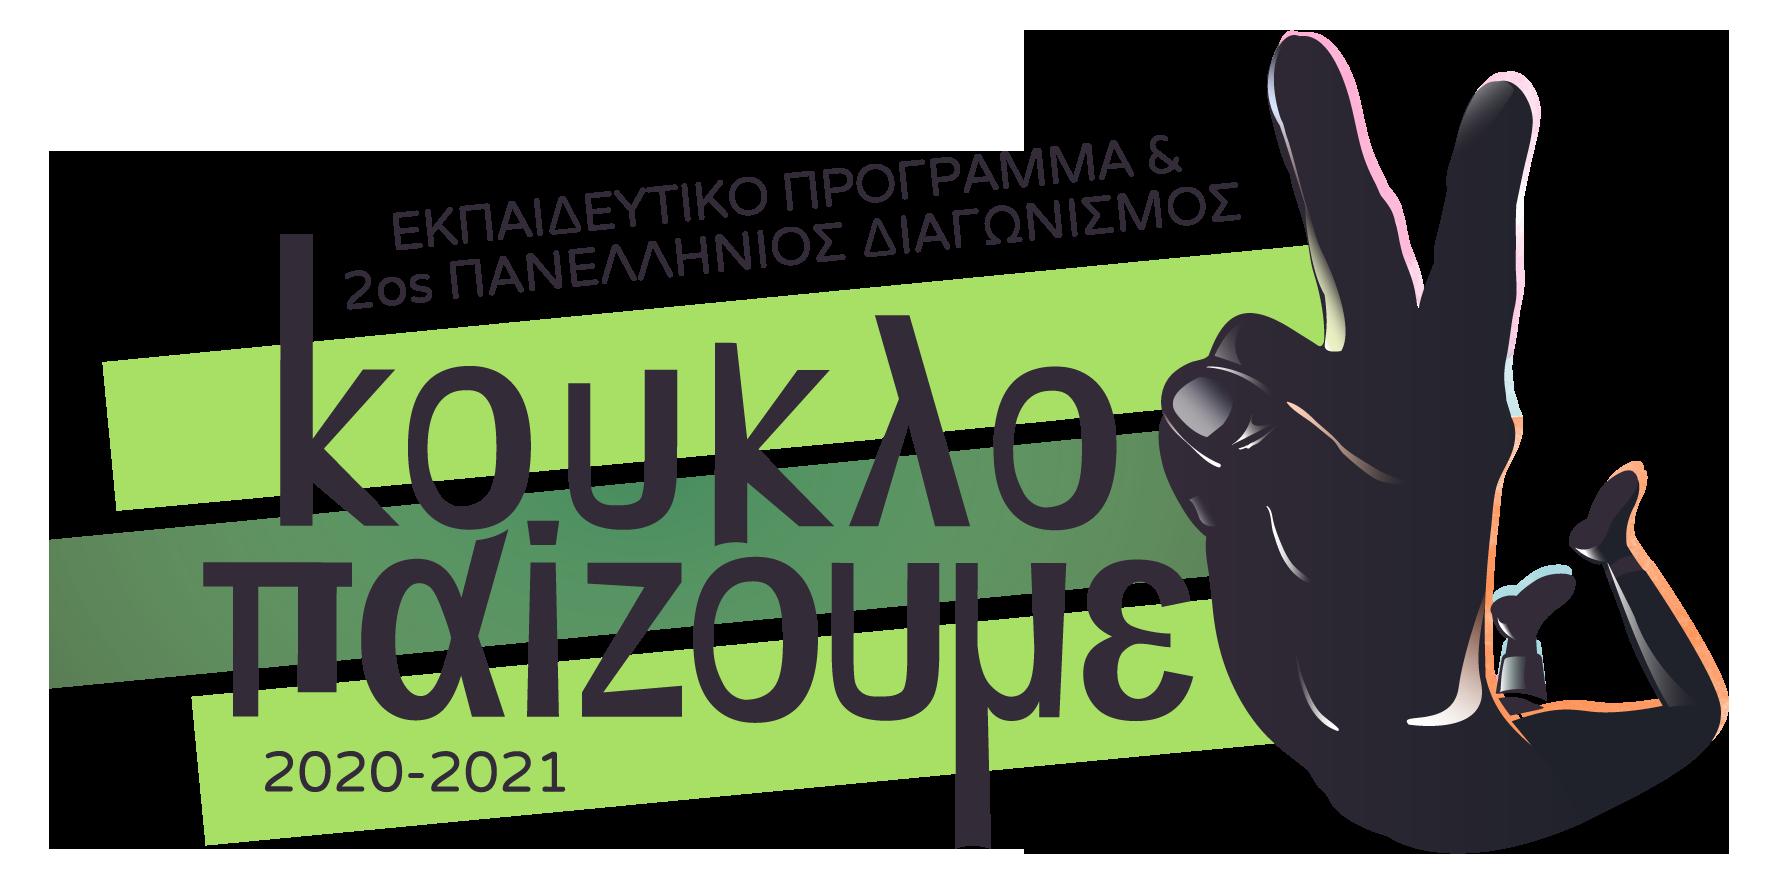 Κουκλοπαίζουμε 2020 2021